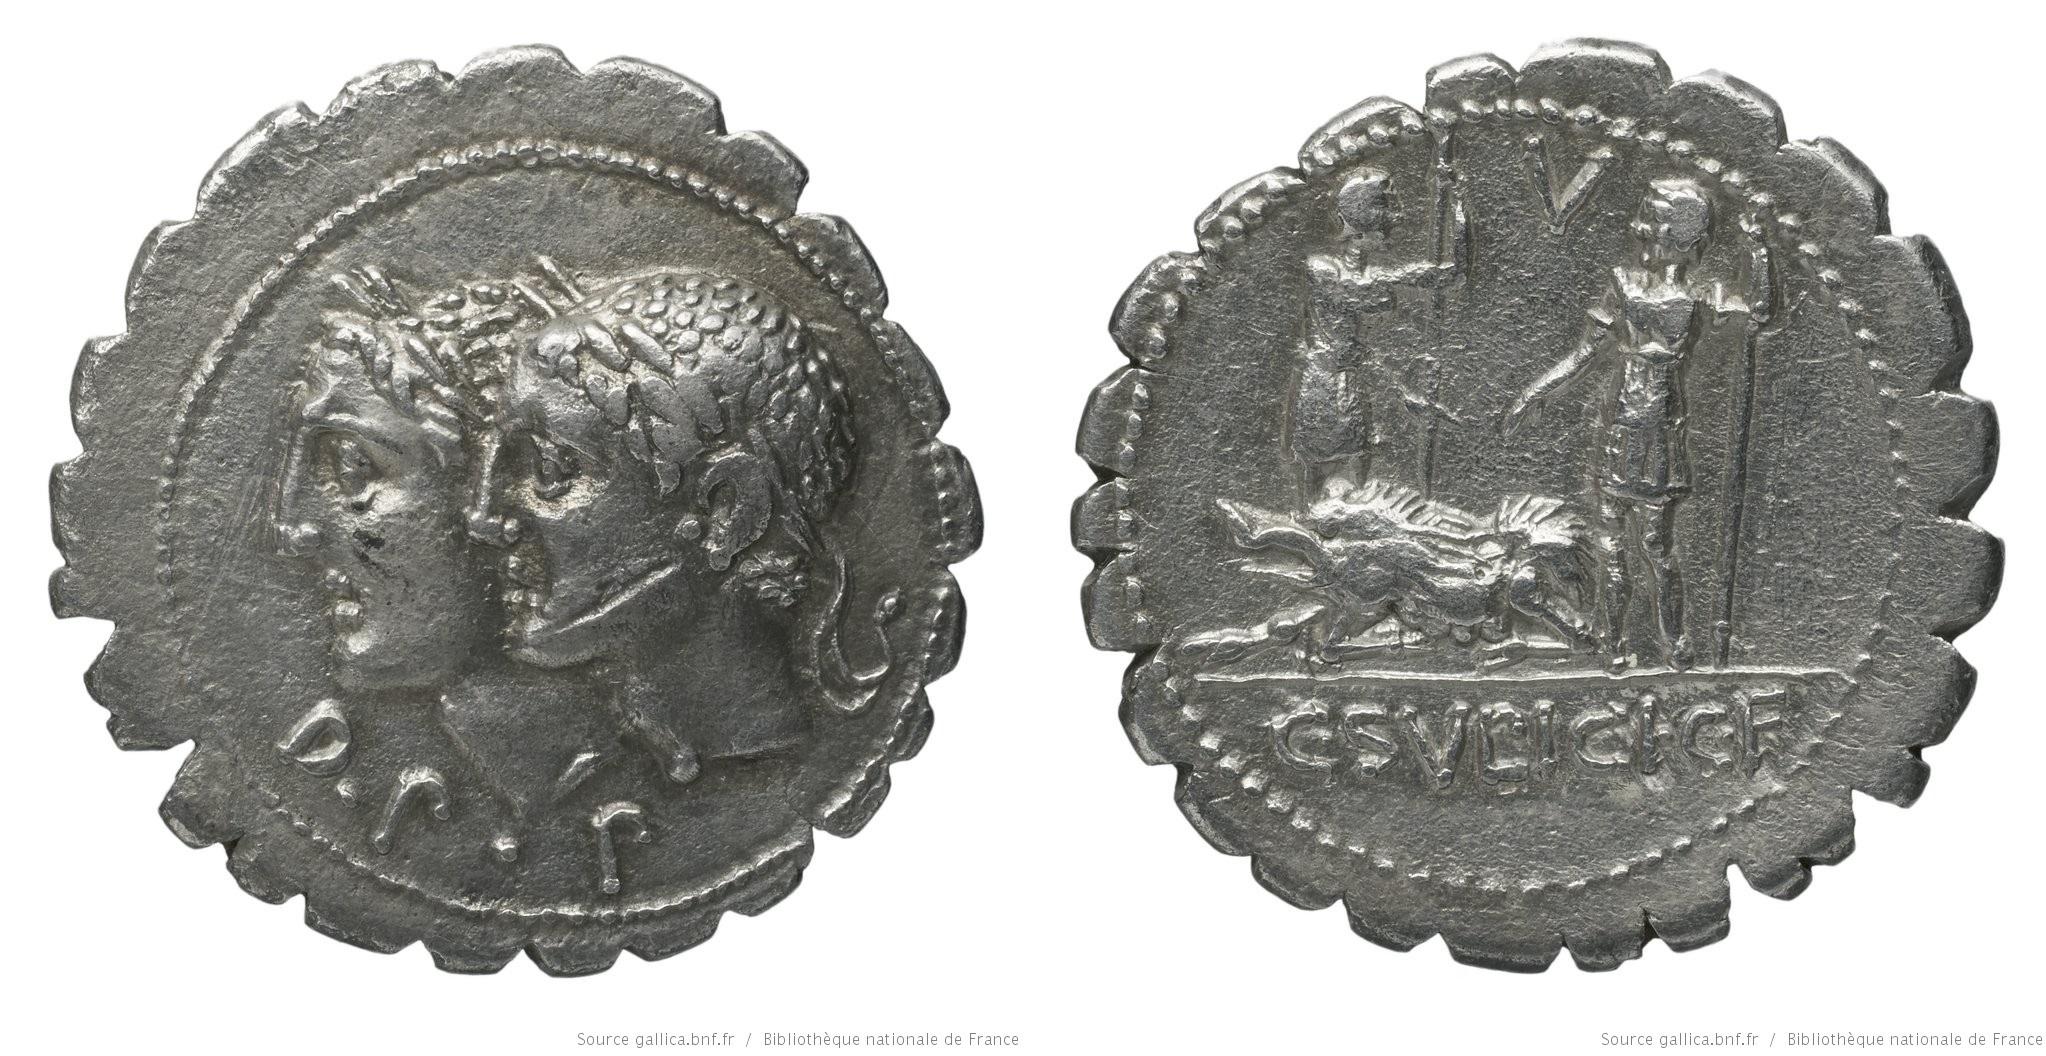 1133SU – Denier Serratus Sulpicia – Caius Sulpicius Galba